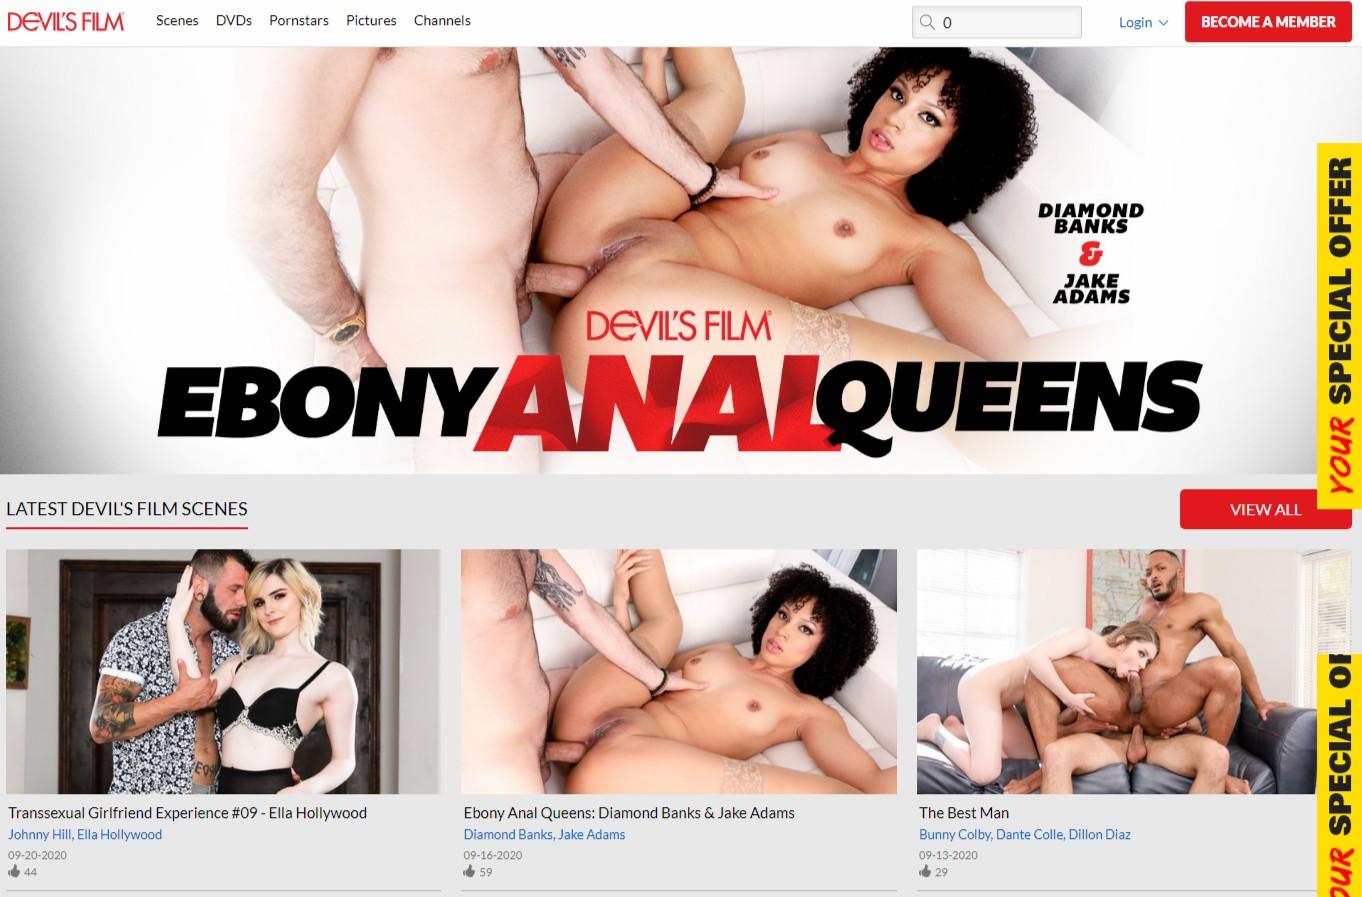 Devilsfilm - เว็บหนังโป็ที่ดีที่สุด